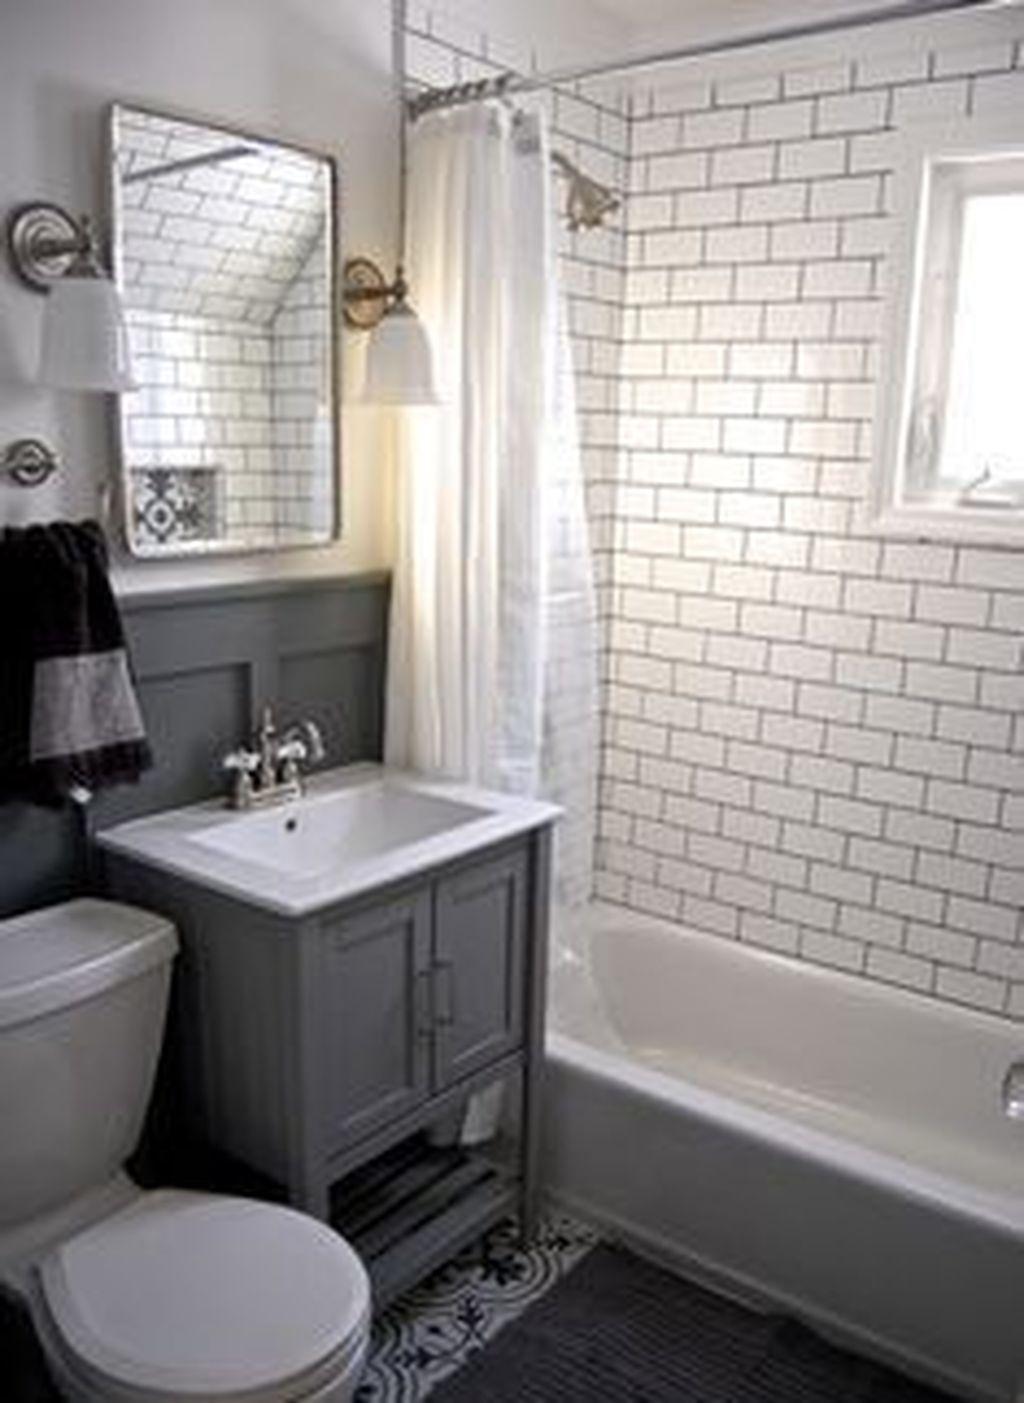 35 Stylish Small Bathroom Remodel Ideas On A Budget In 2020 Simple Bathroom Diy Bathroom Remodel Simple Bathroom Remodel